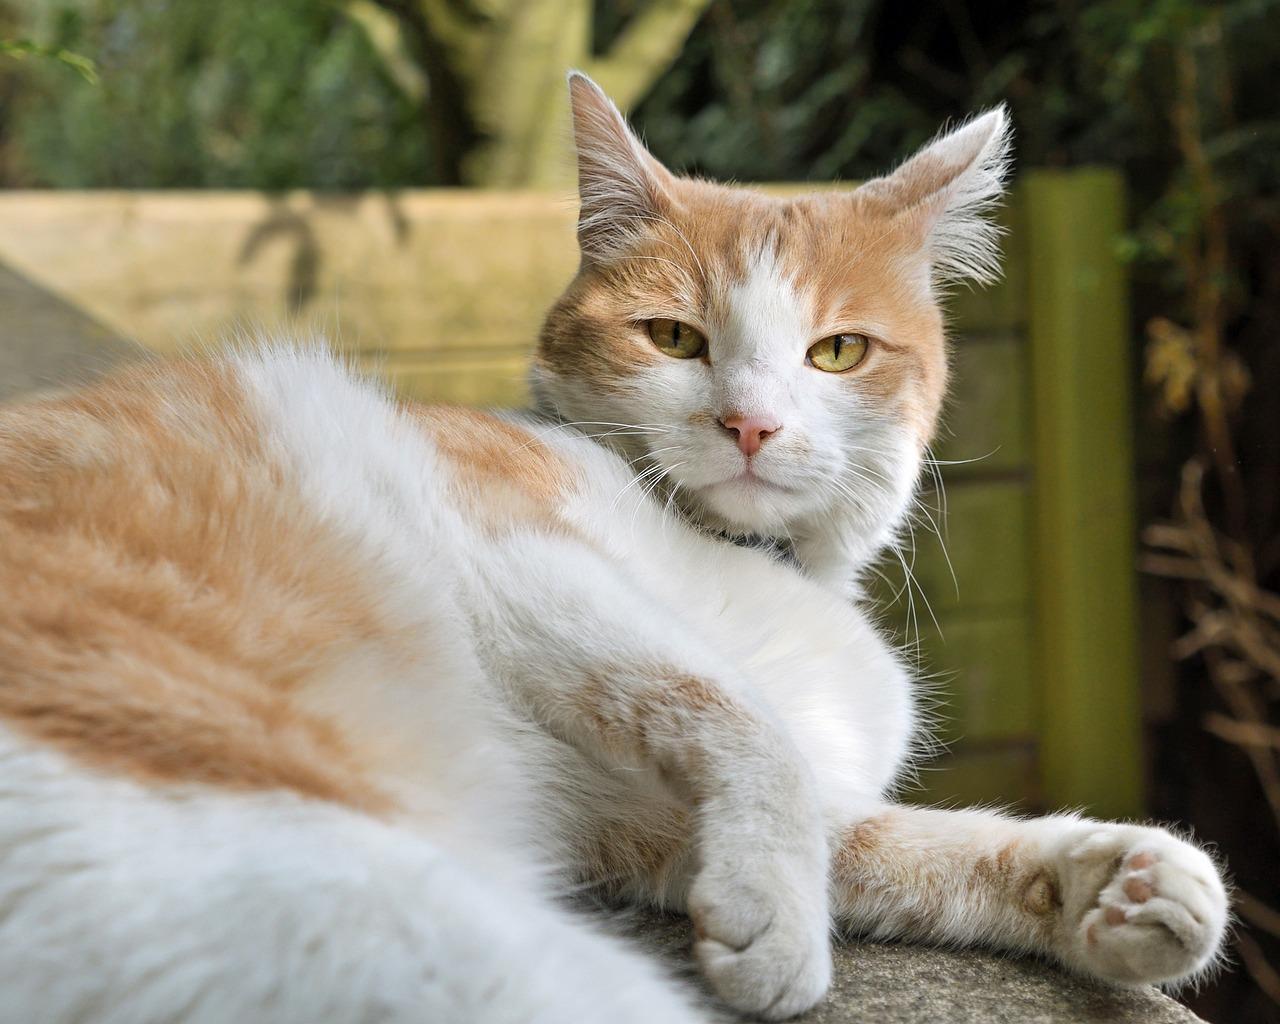 Дорогому, картинки кошек рыжих с белым